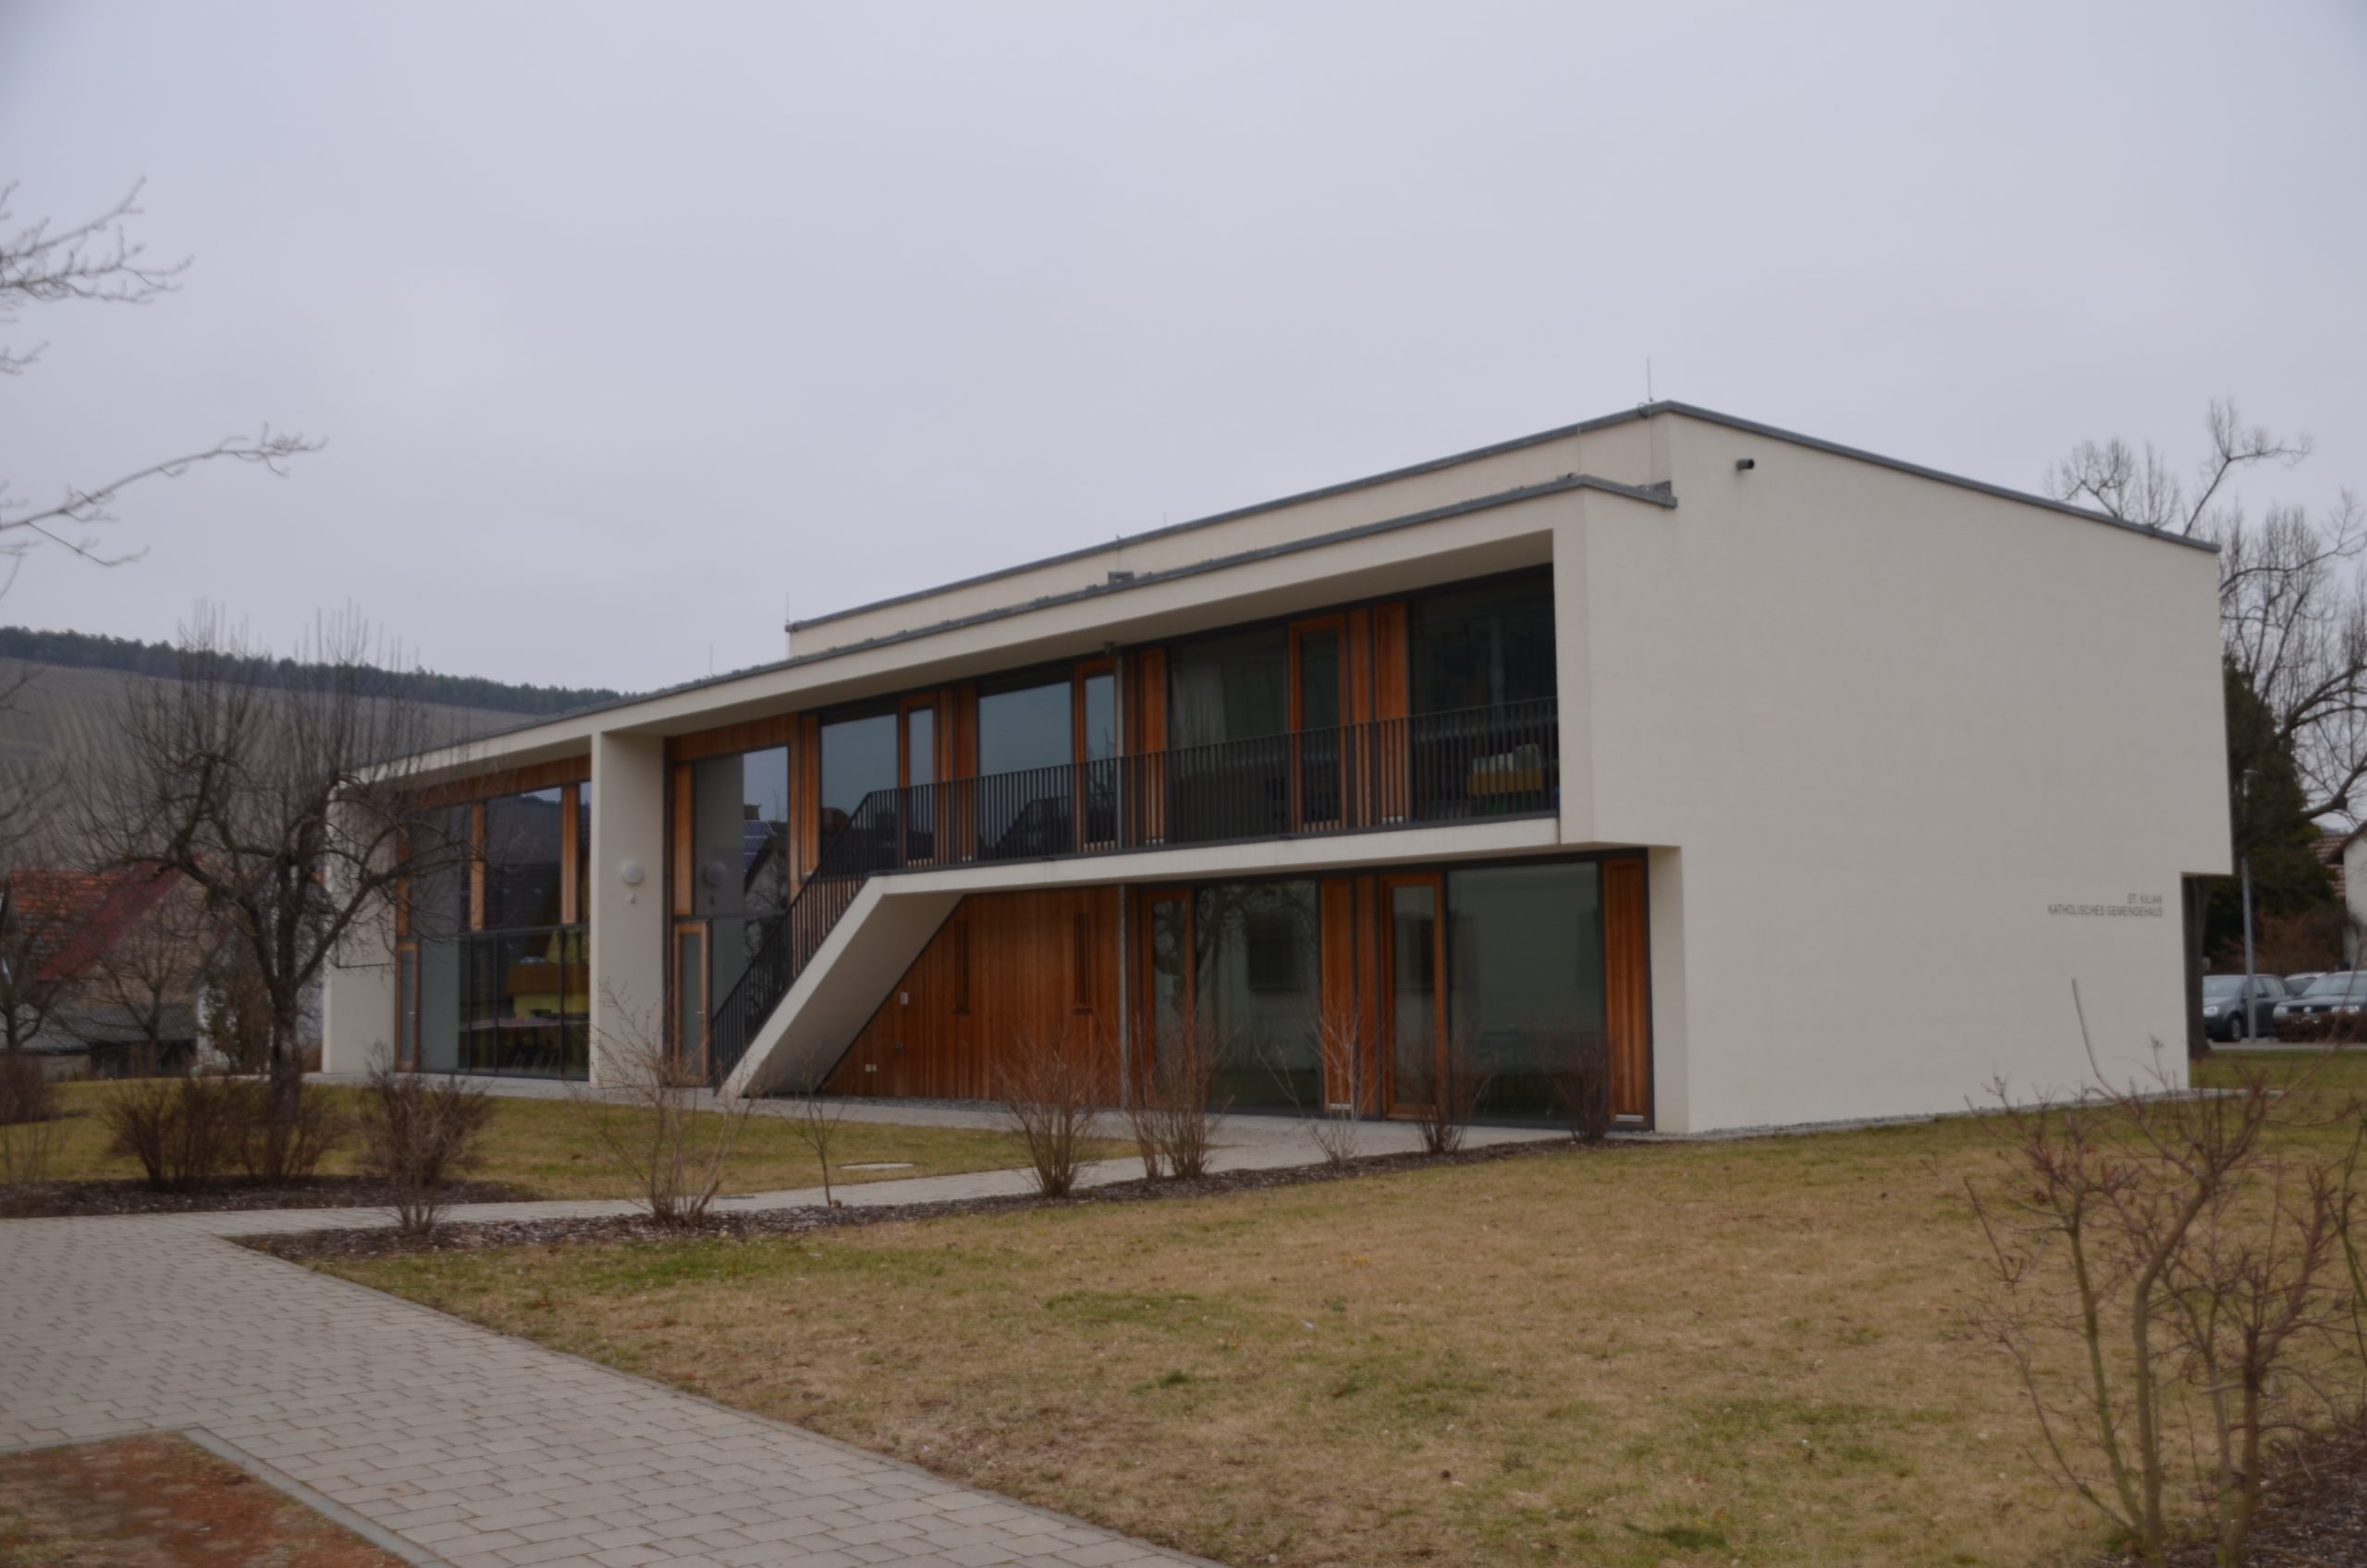 Katholisches Gemeindehaus in Bad Mergentheim-Markelsheim